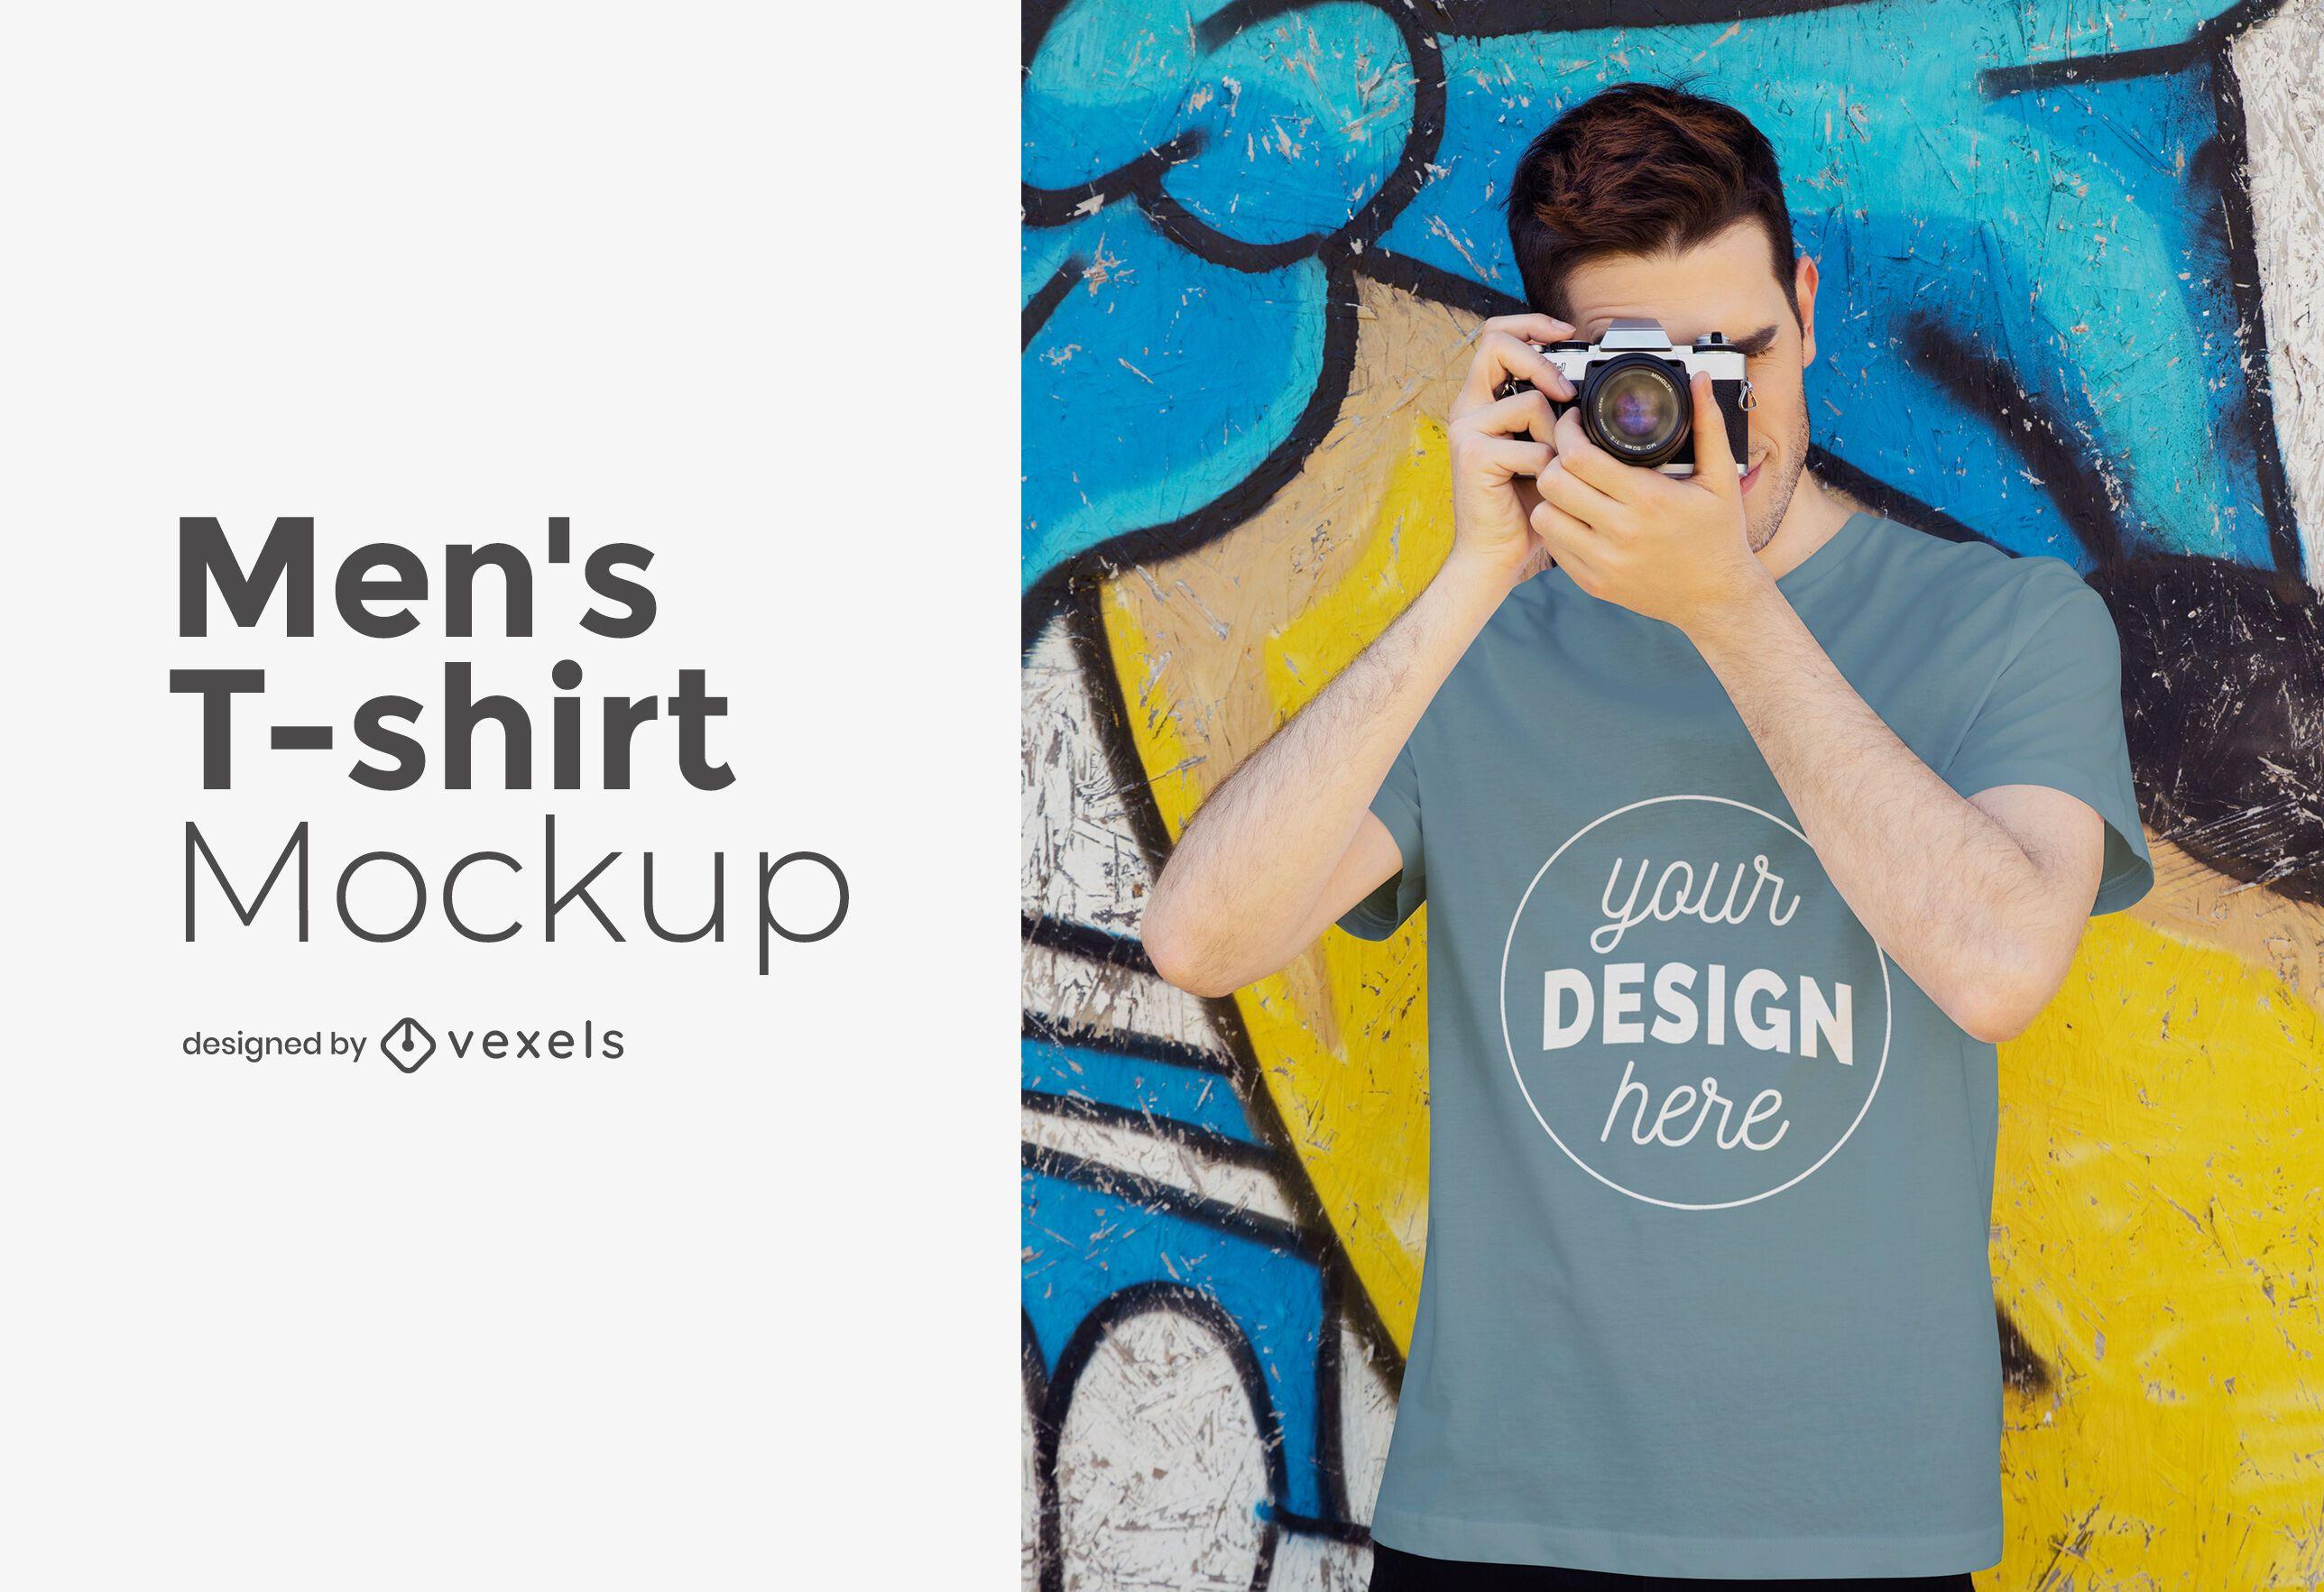 Dise?o de maqueta de camiseta para hombre.